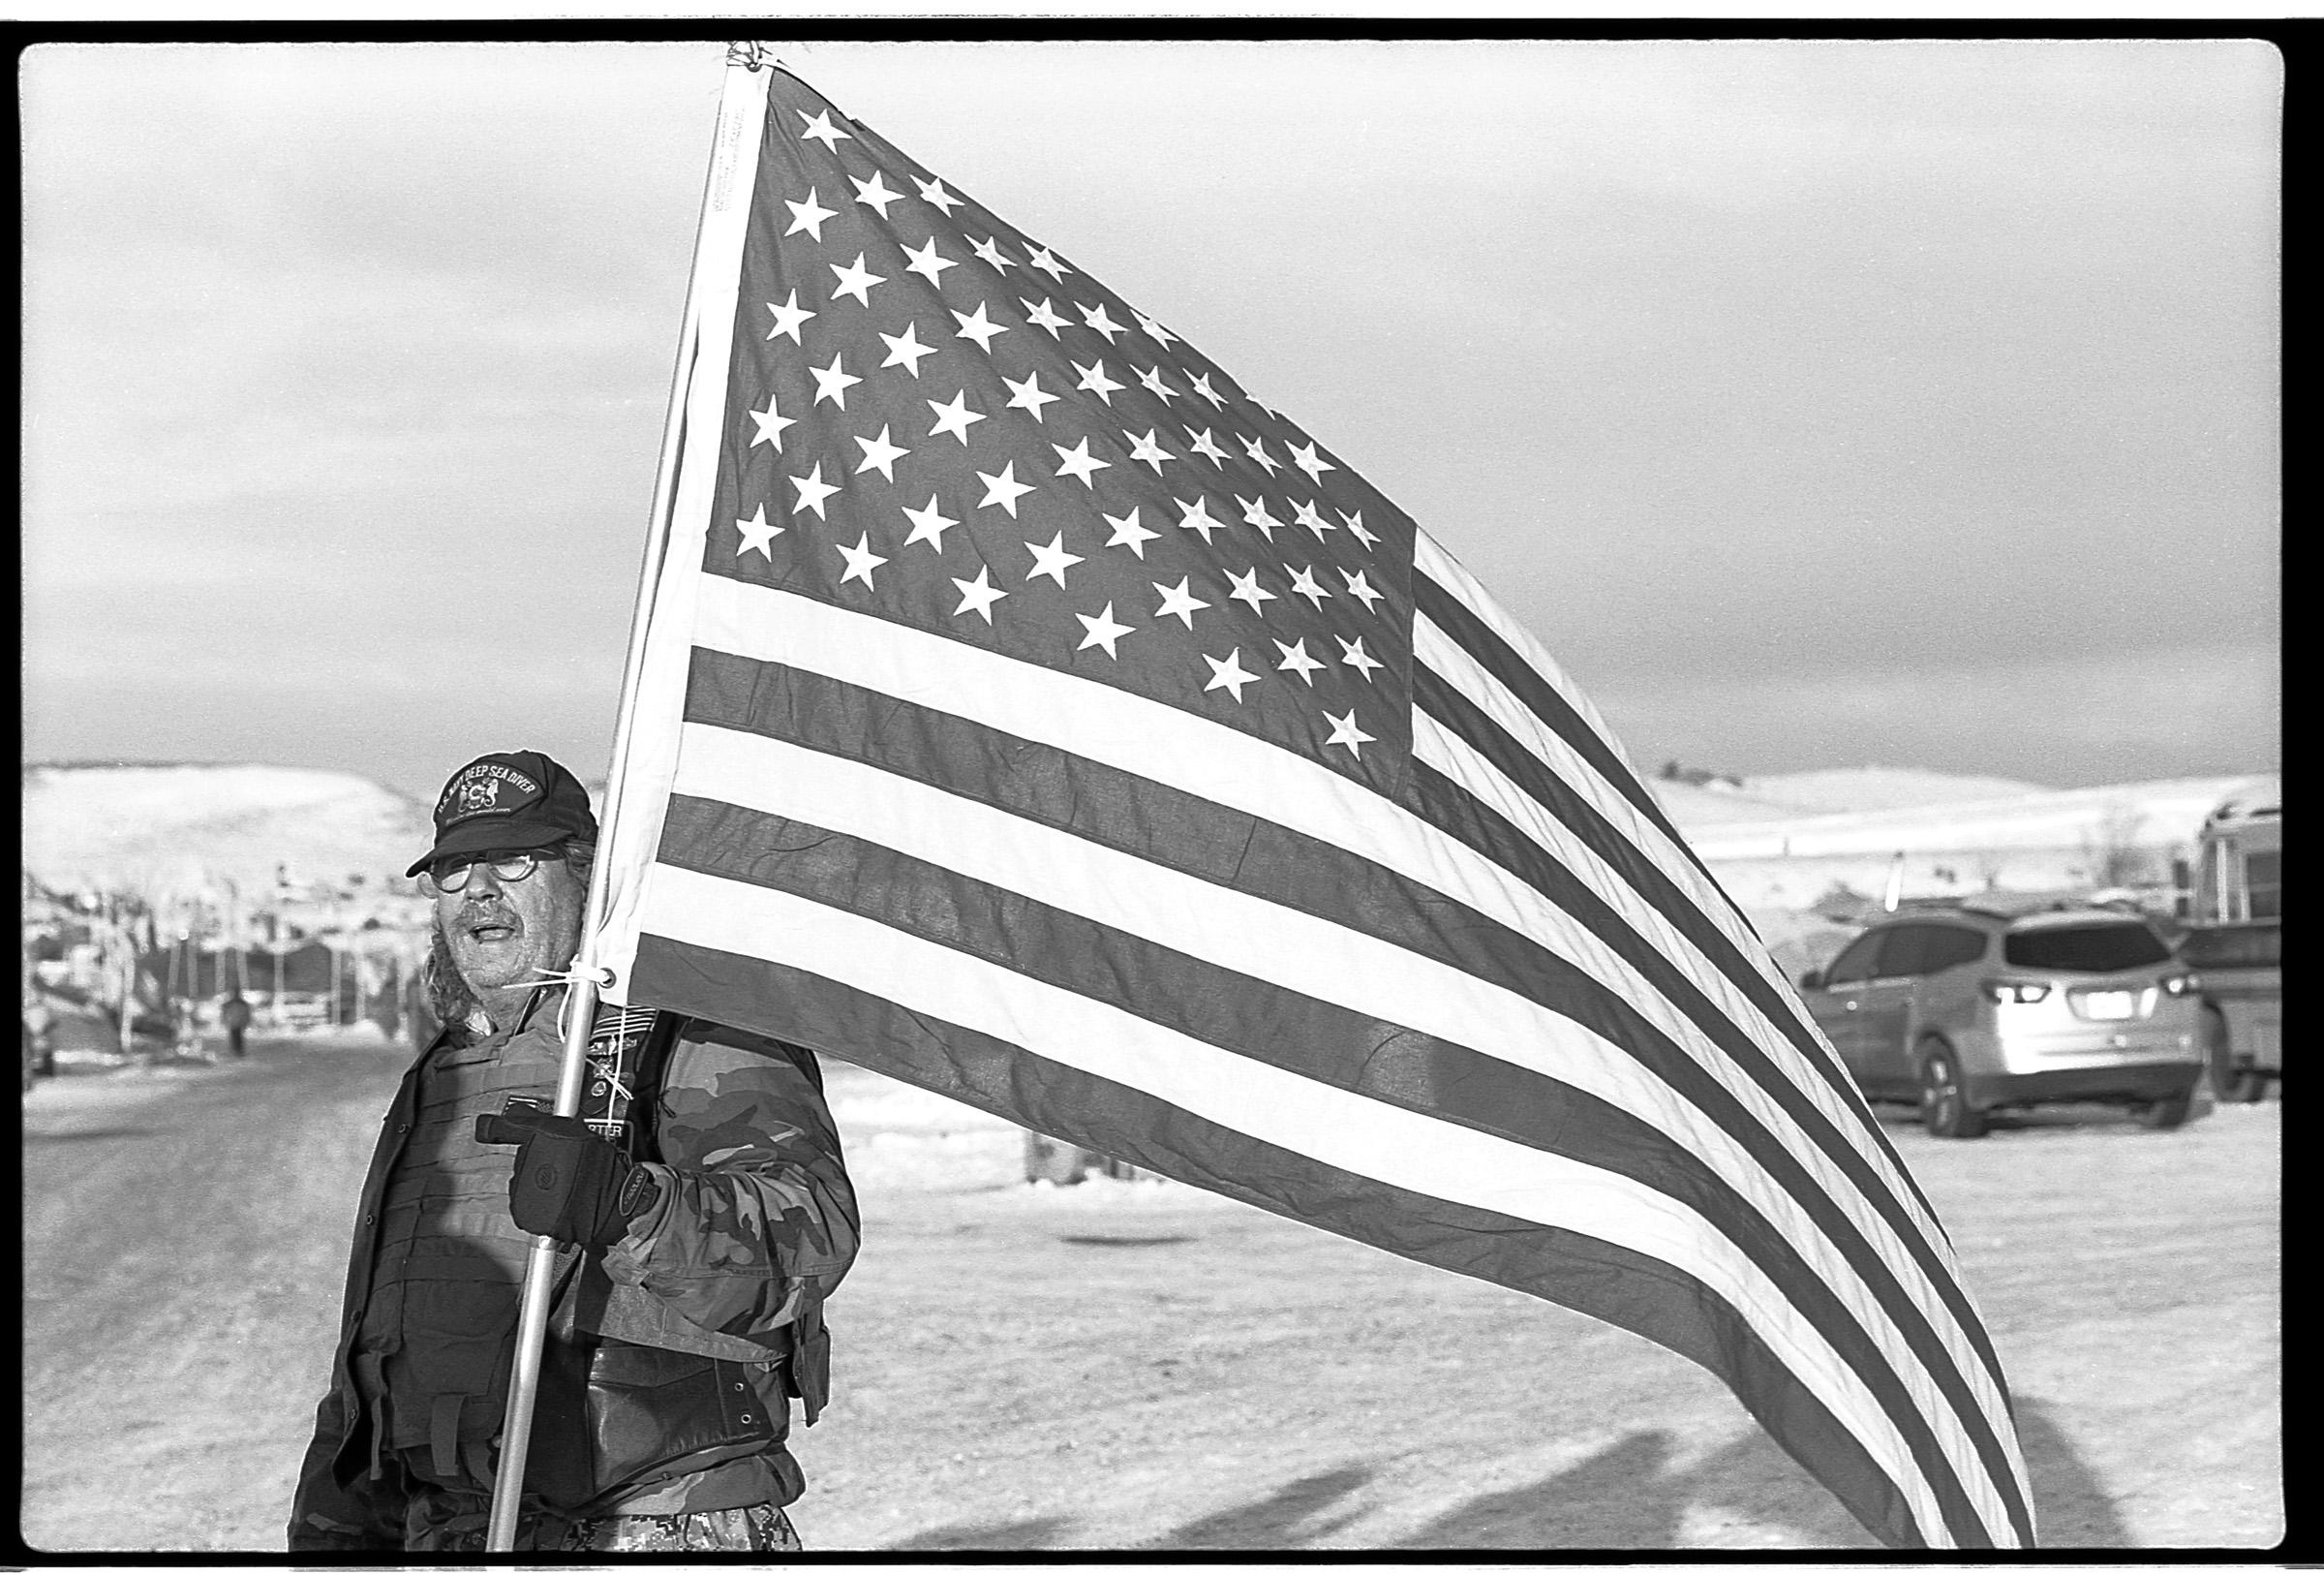 Standing Rock038 as Smart Object-1.jpg